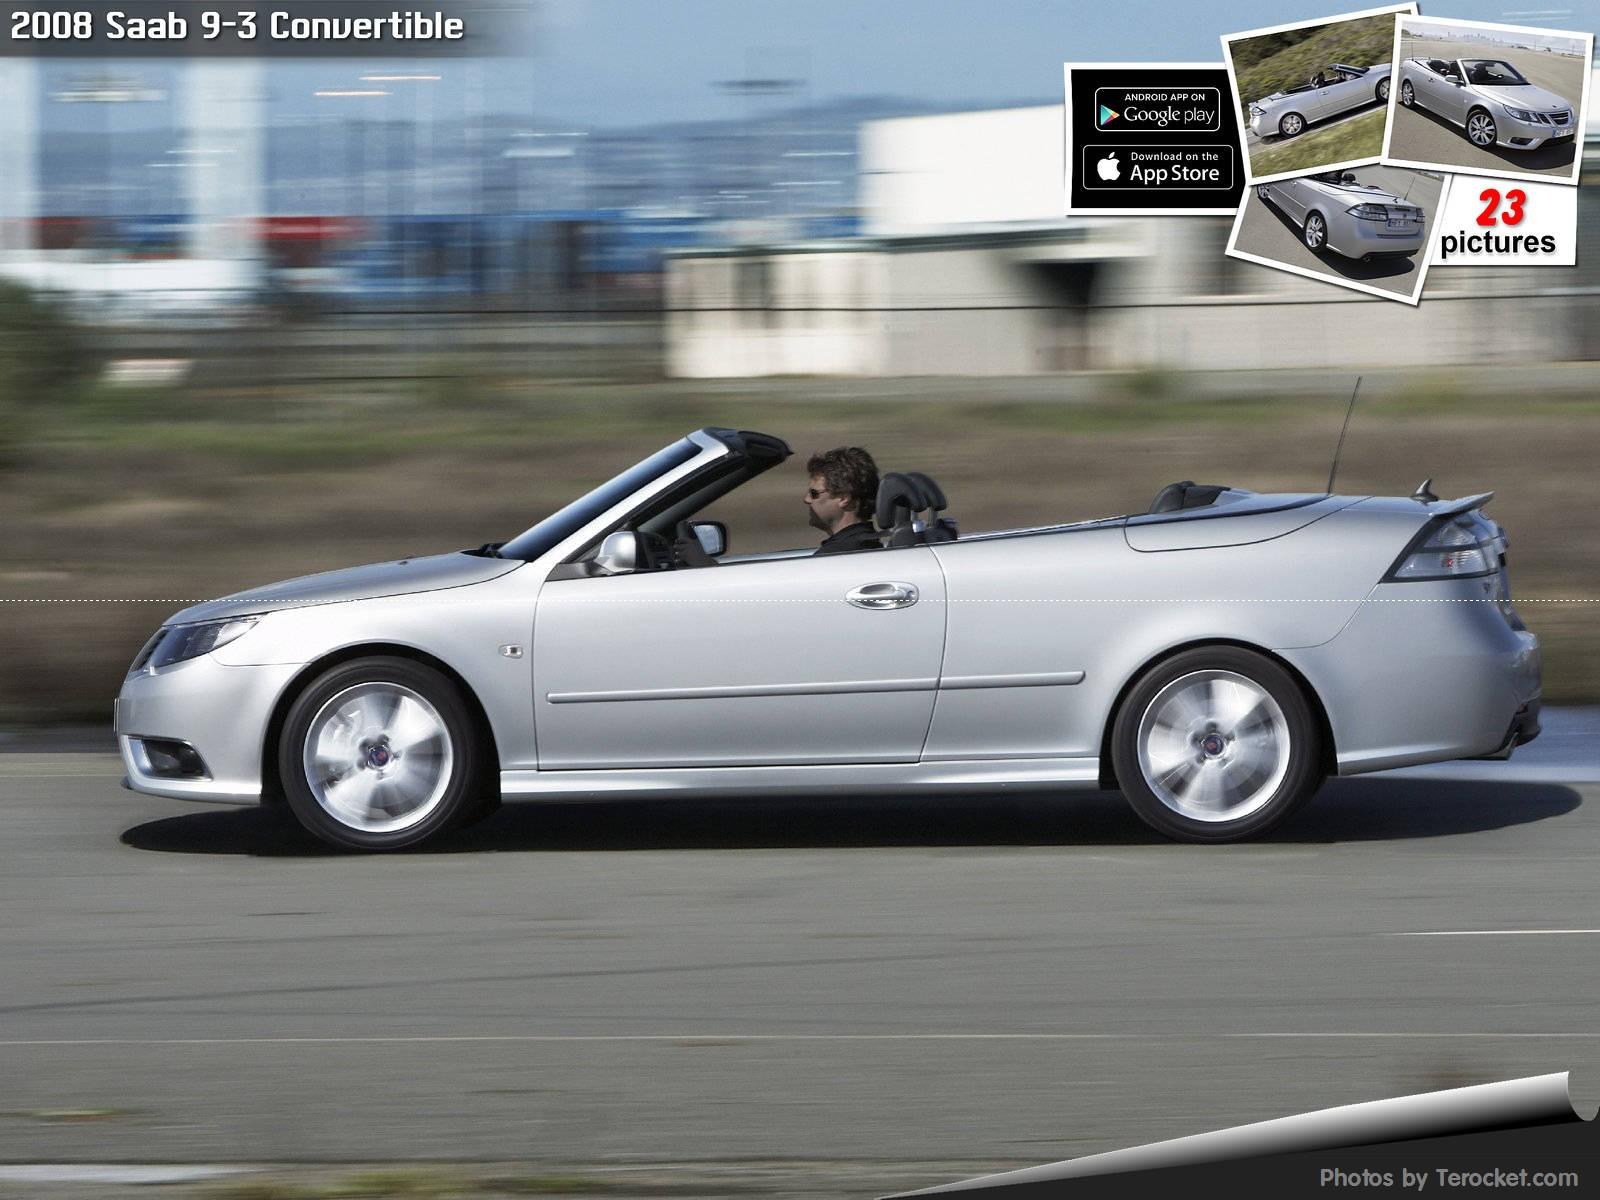 Hình ảnh xe ô tô Saab 9-3 Convertible 2008 & nội ngoại thất